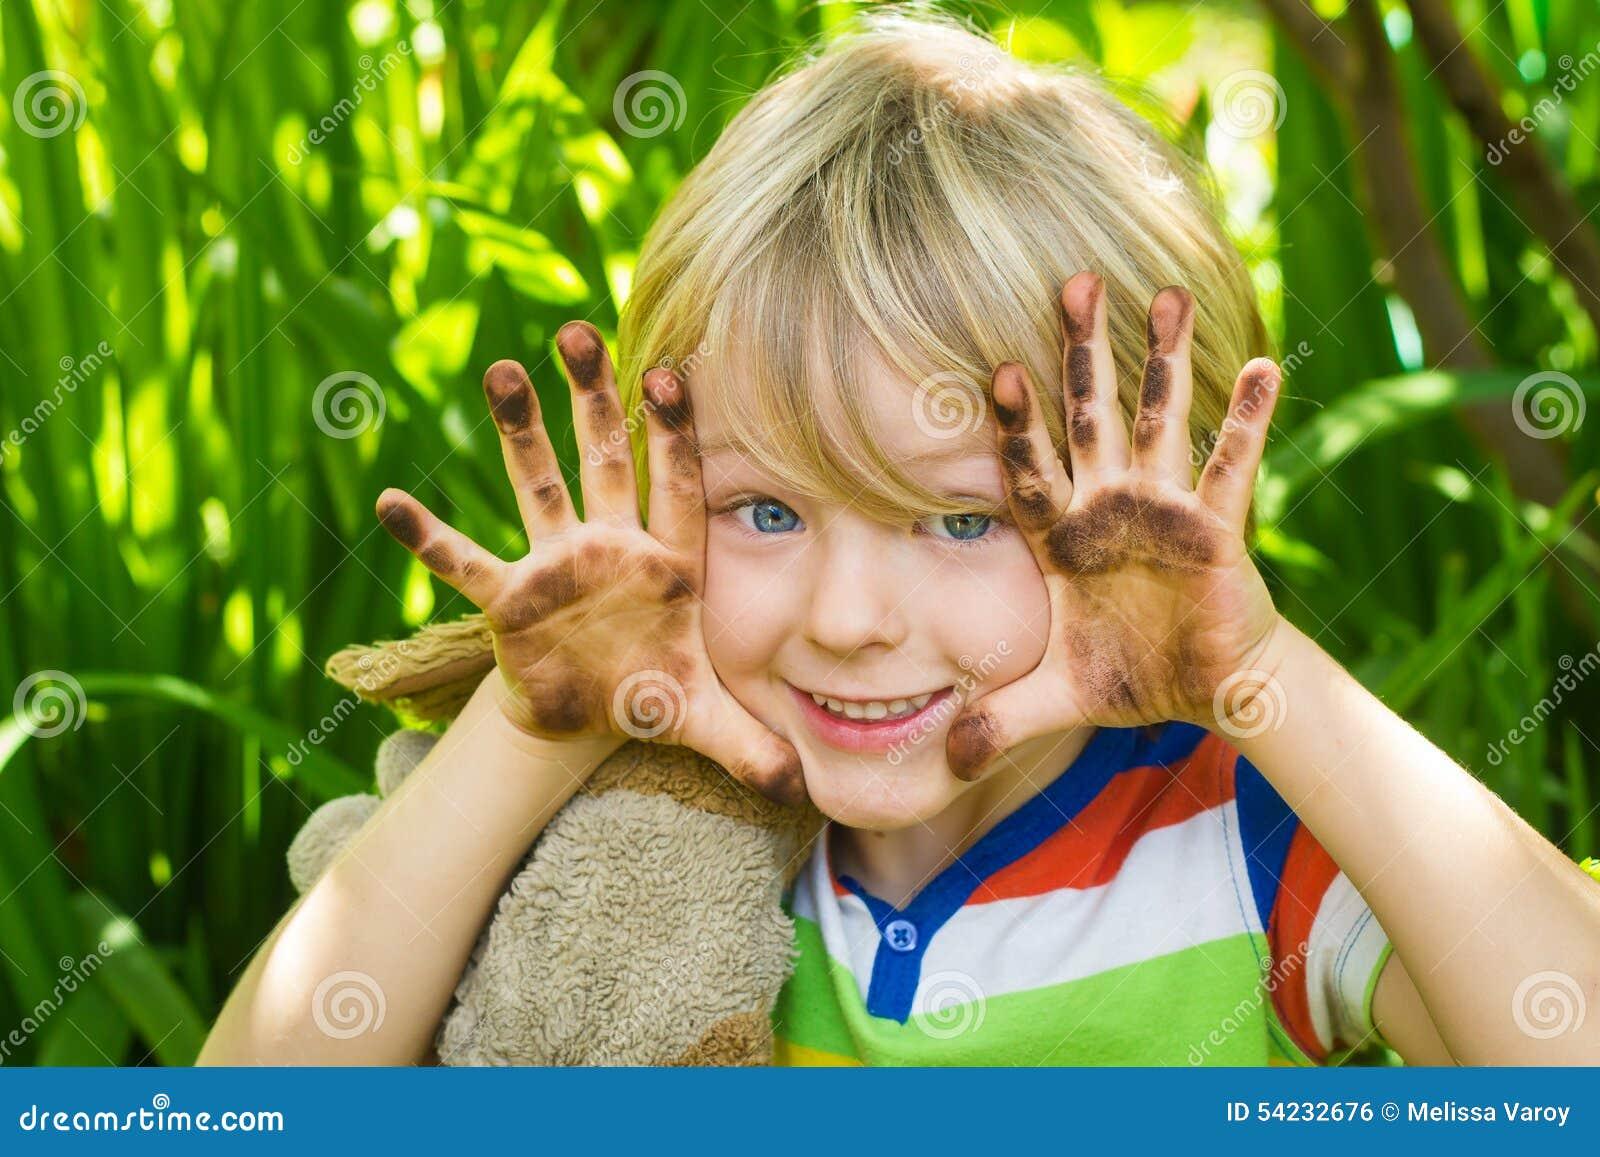 Как сделать так чтобы ребенок хотел в сад